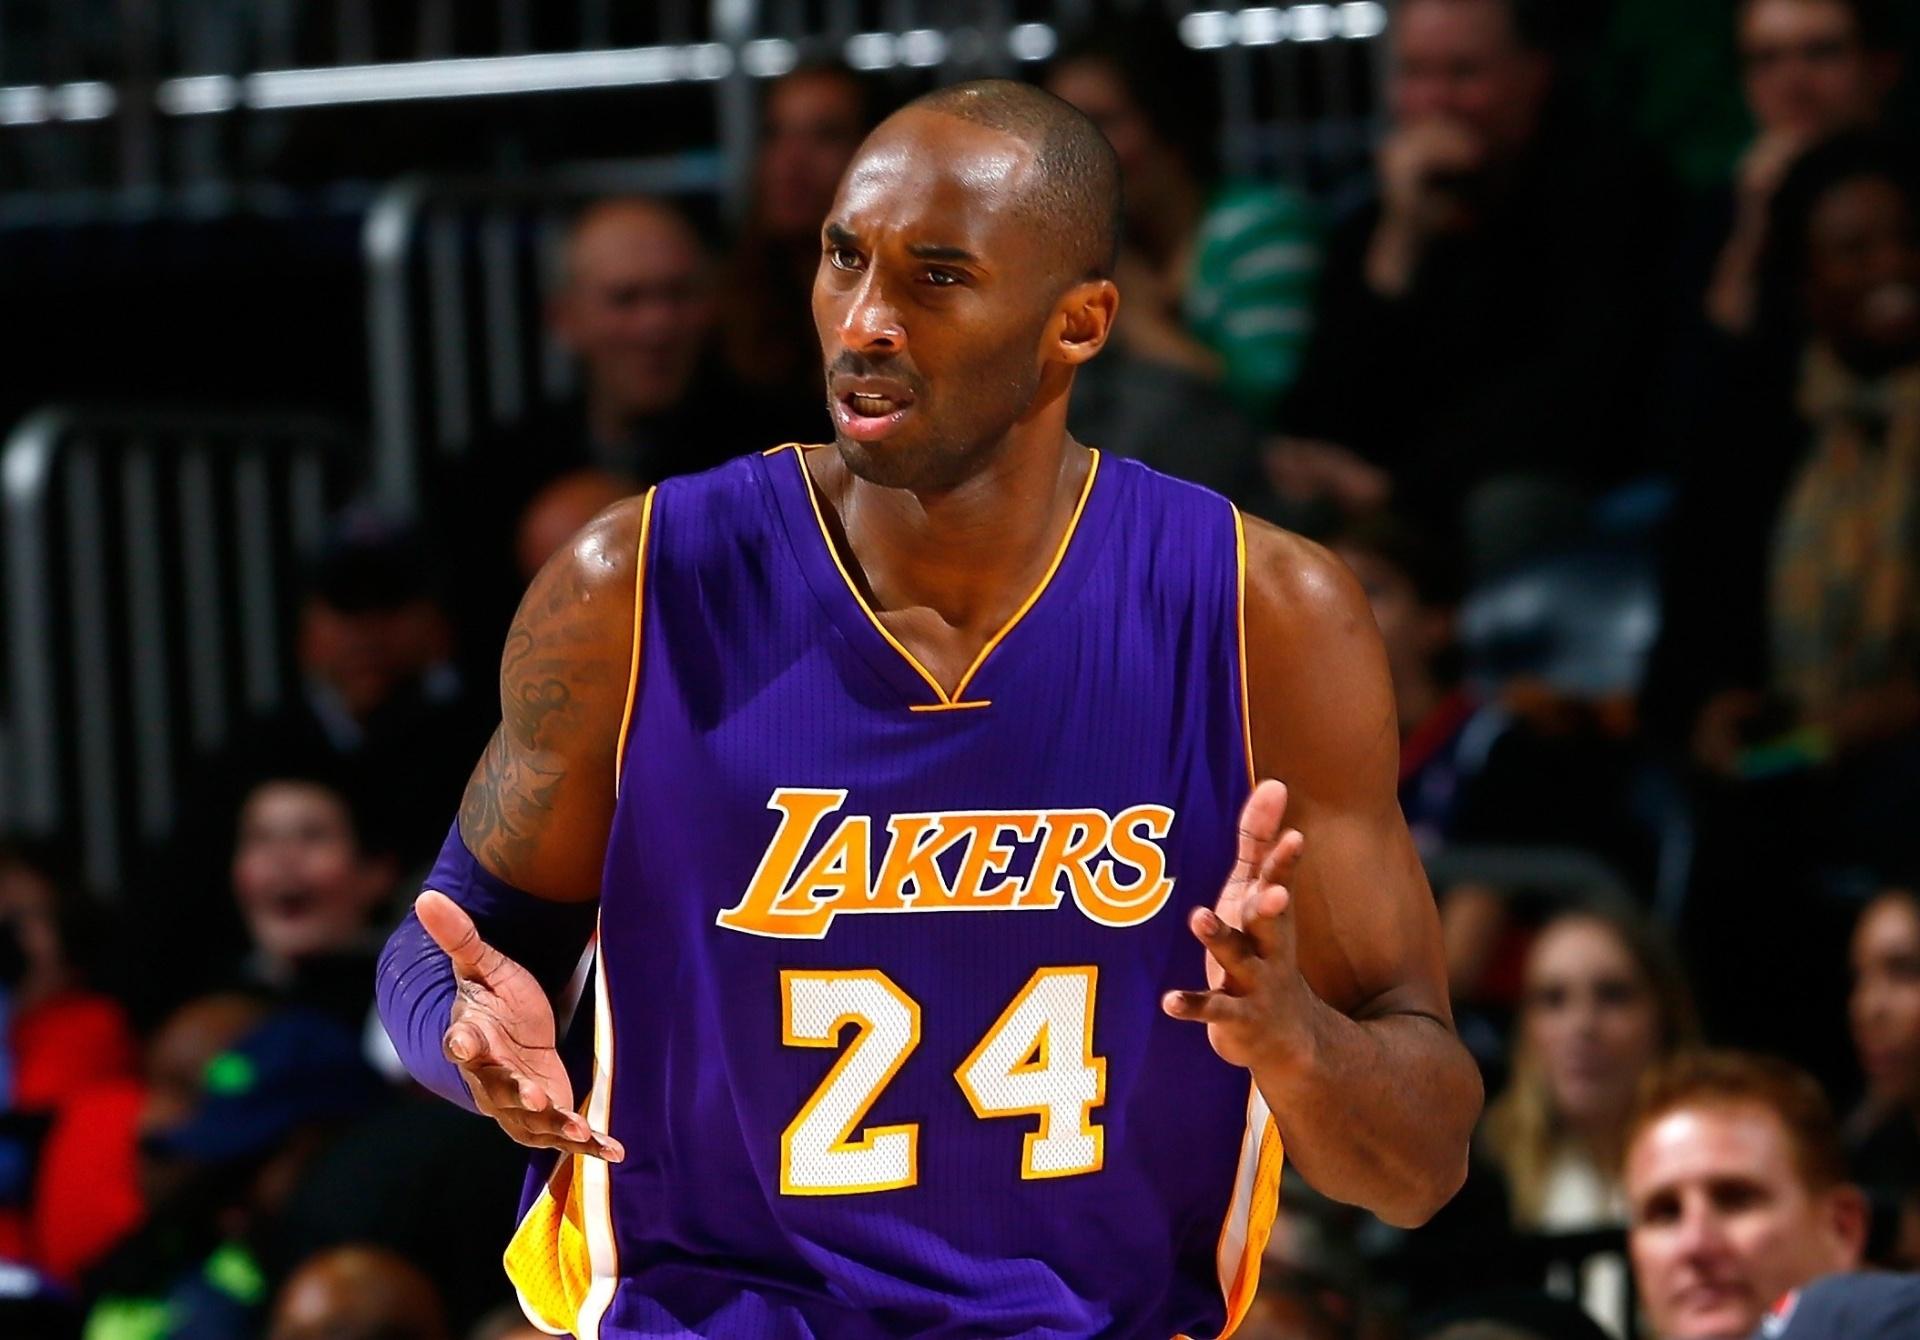 c1b1aa5d0 Kobe volta a citar papel higiênico para criticar comportamento dos Lakers -  08 01 2015 - UOL Esporte